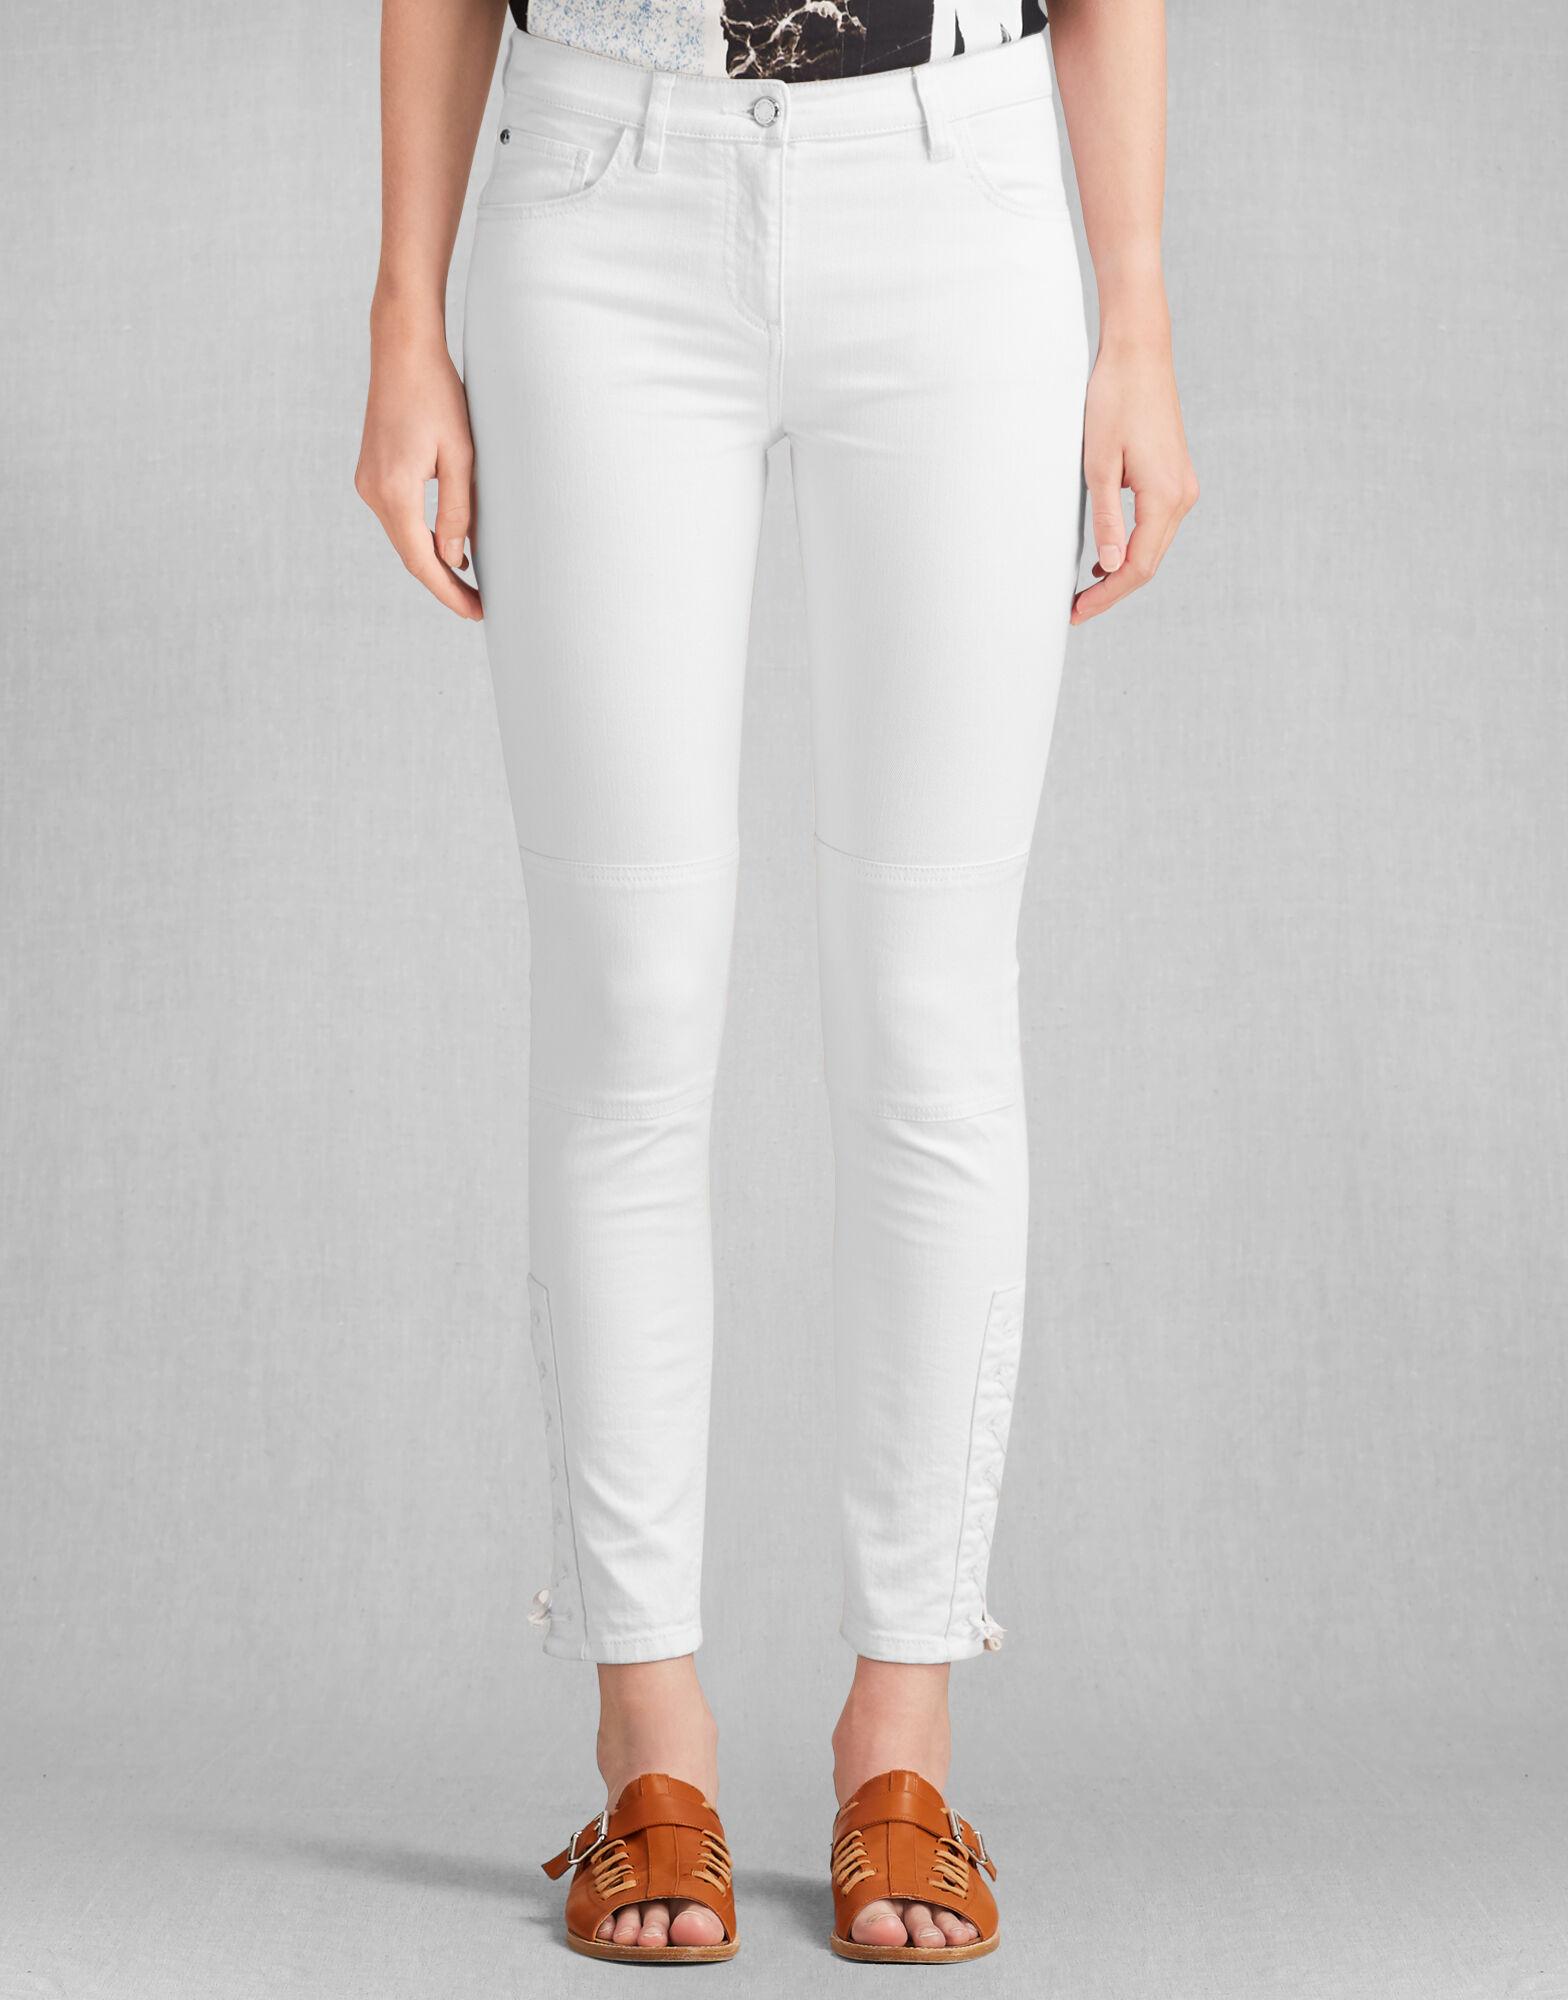 Off White Jeans Womens 6Jy4ldKV